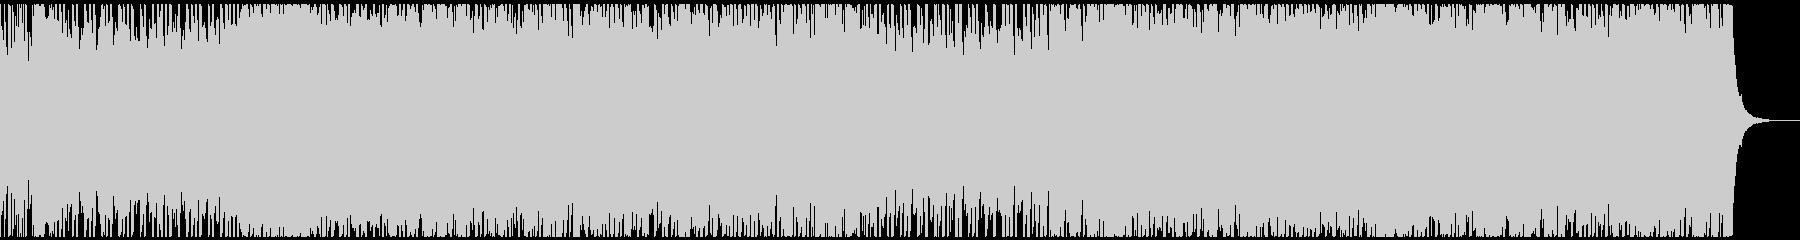 シンプル元気な疾走感パンクロックの未再生の波形